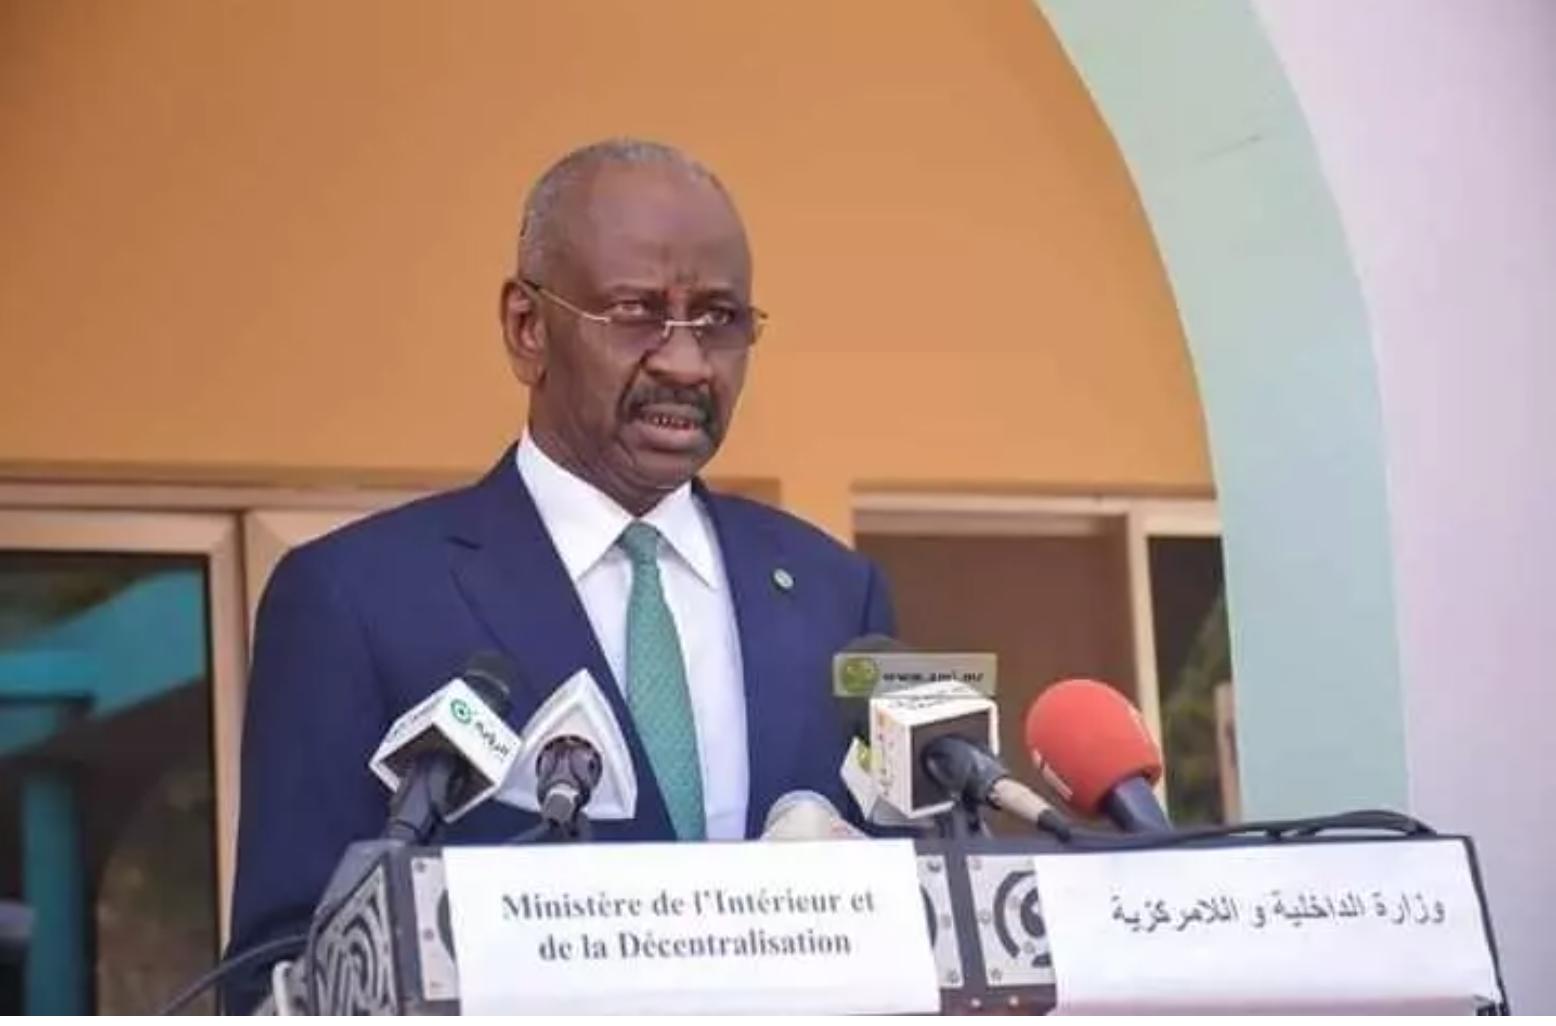 Mauritanie : les données sur la criminalité seront publiées désormais chaque mois